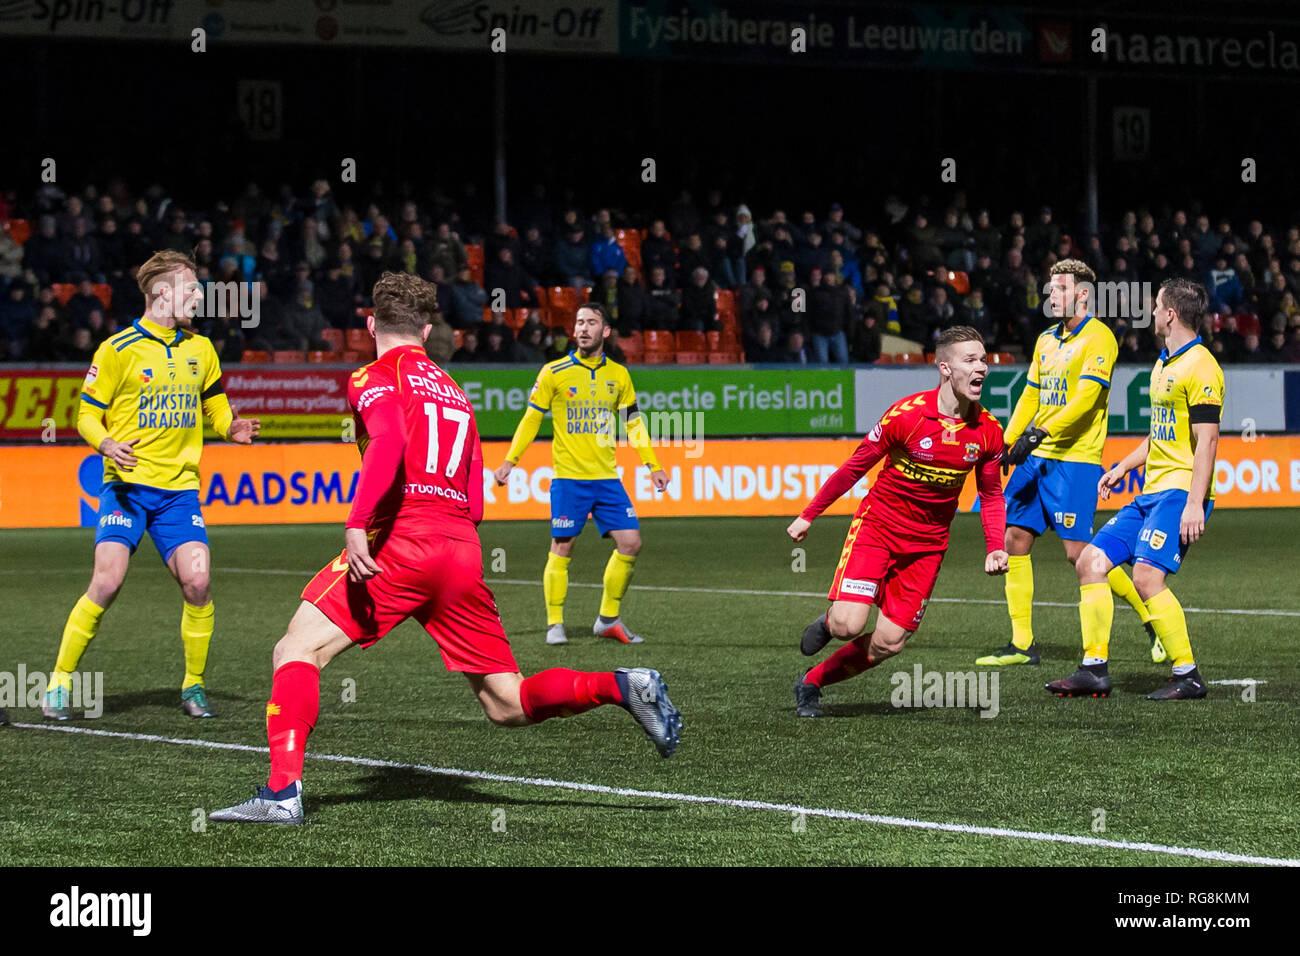 Leeuwarden Netherlands 28th January 2019 Cambuur Stadium 28 01 2019 Season 2018 2019 Dutch Keuken Kampioen